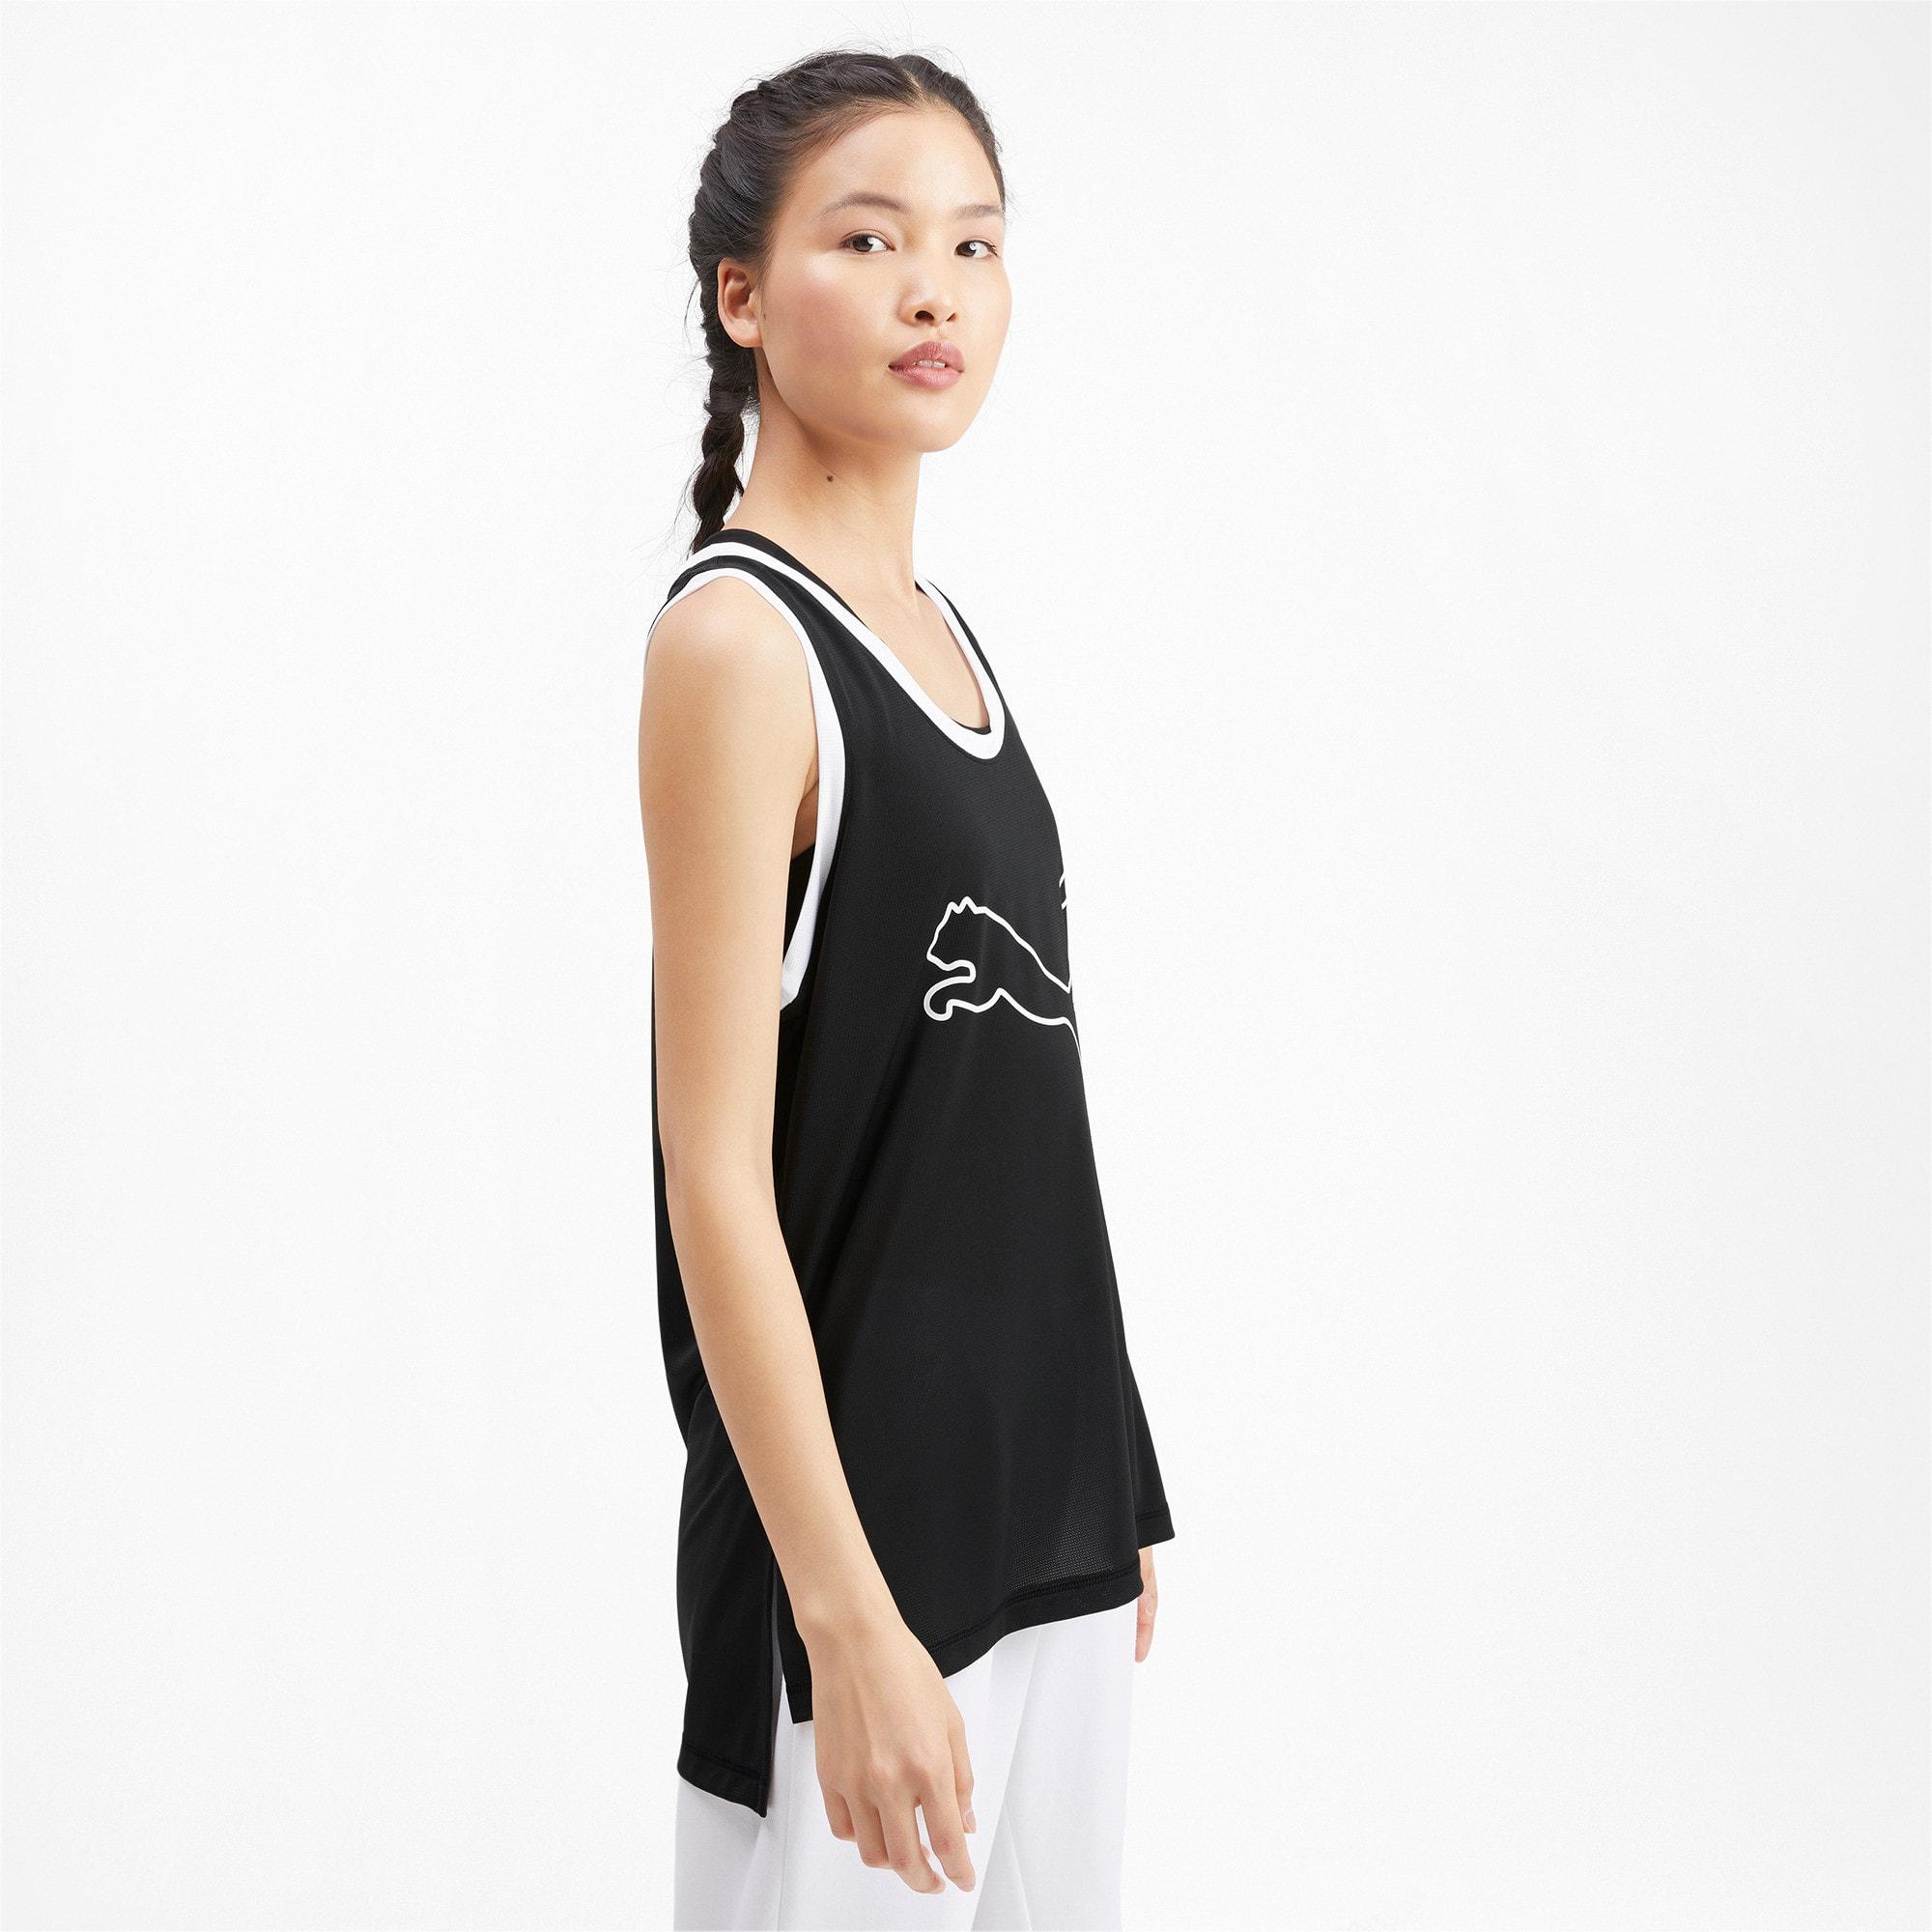 Damen Puma Sportbekleidung | Sport BH BlackPuma